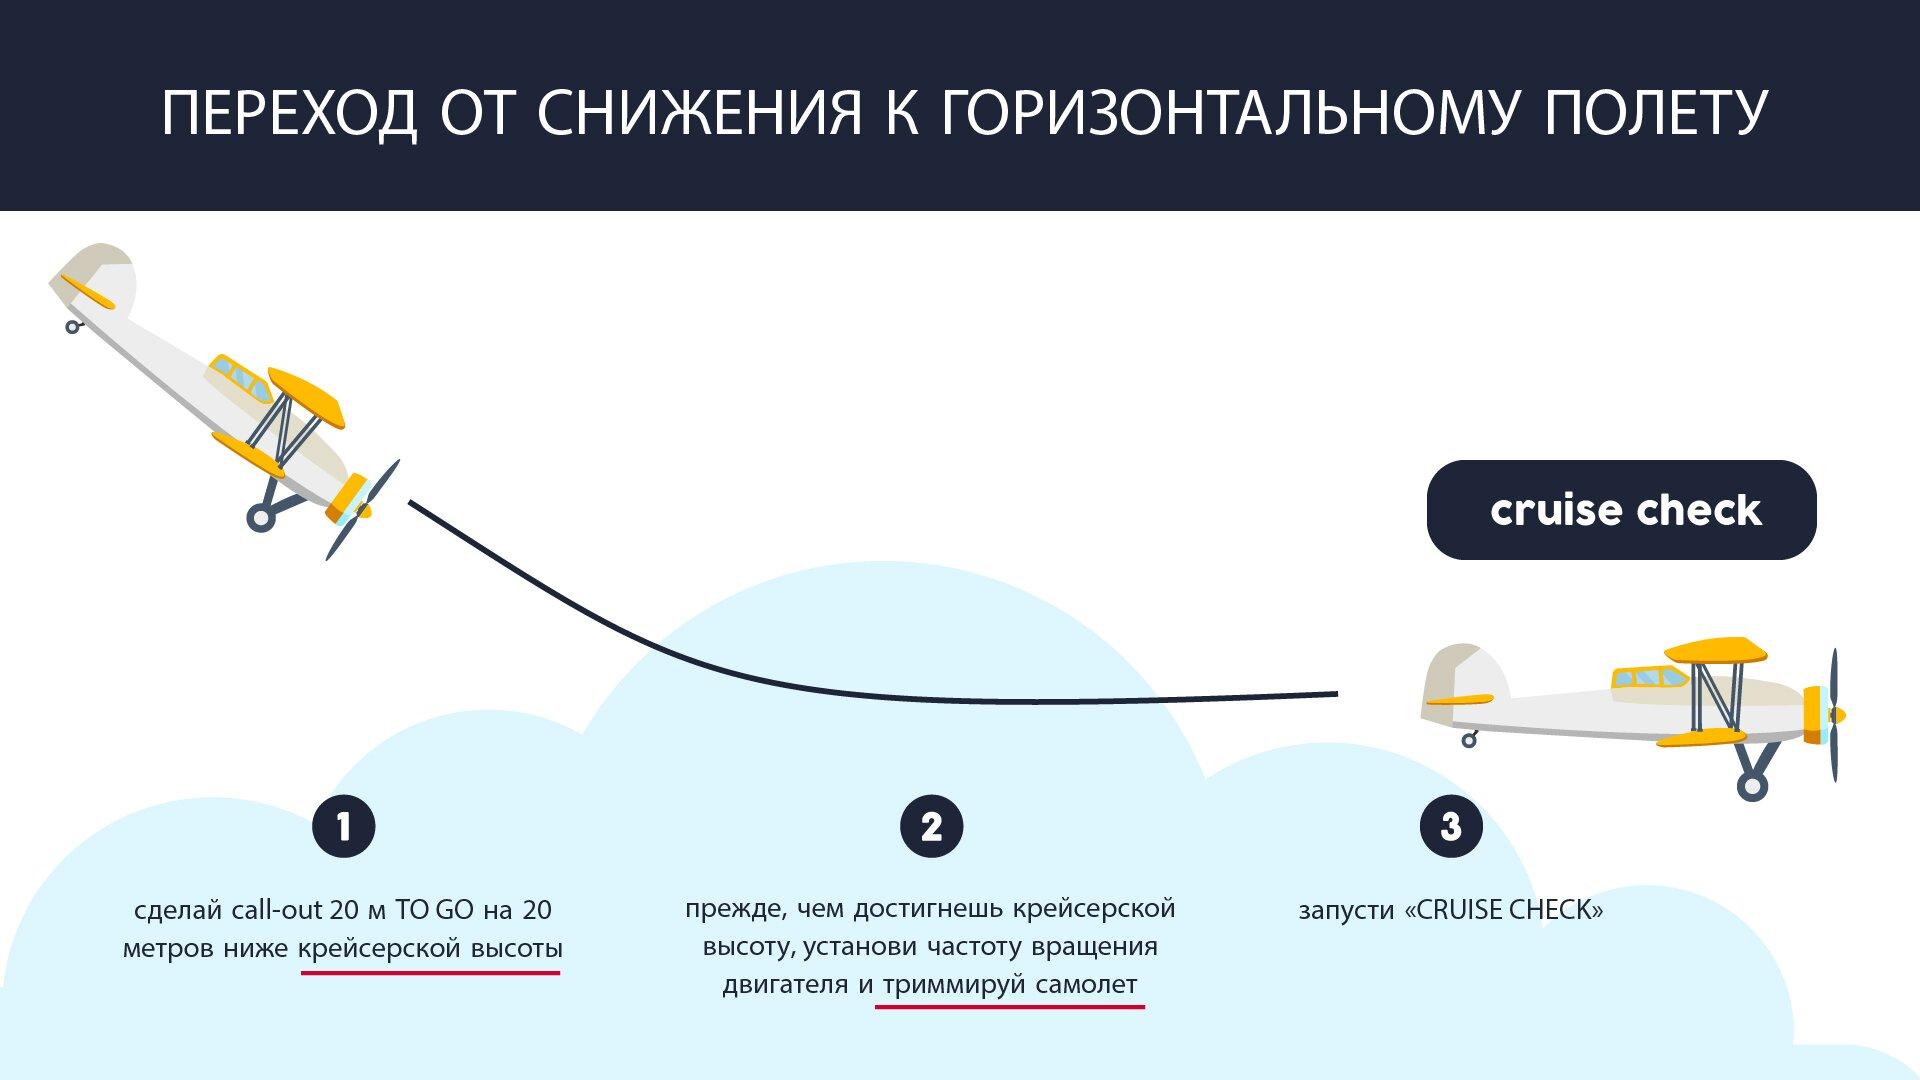 На изображении представлен переход от снижения к горизонтальному полету. Grafika przedstawia przejście ze zniżania do lotu poziomego.